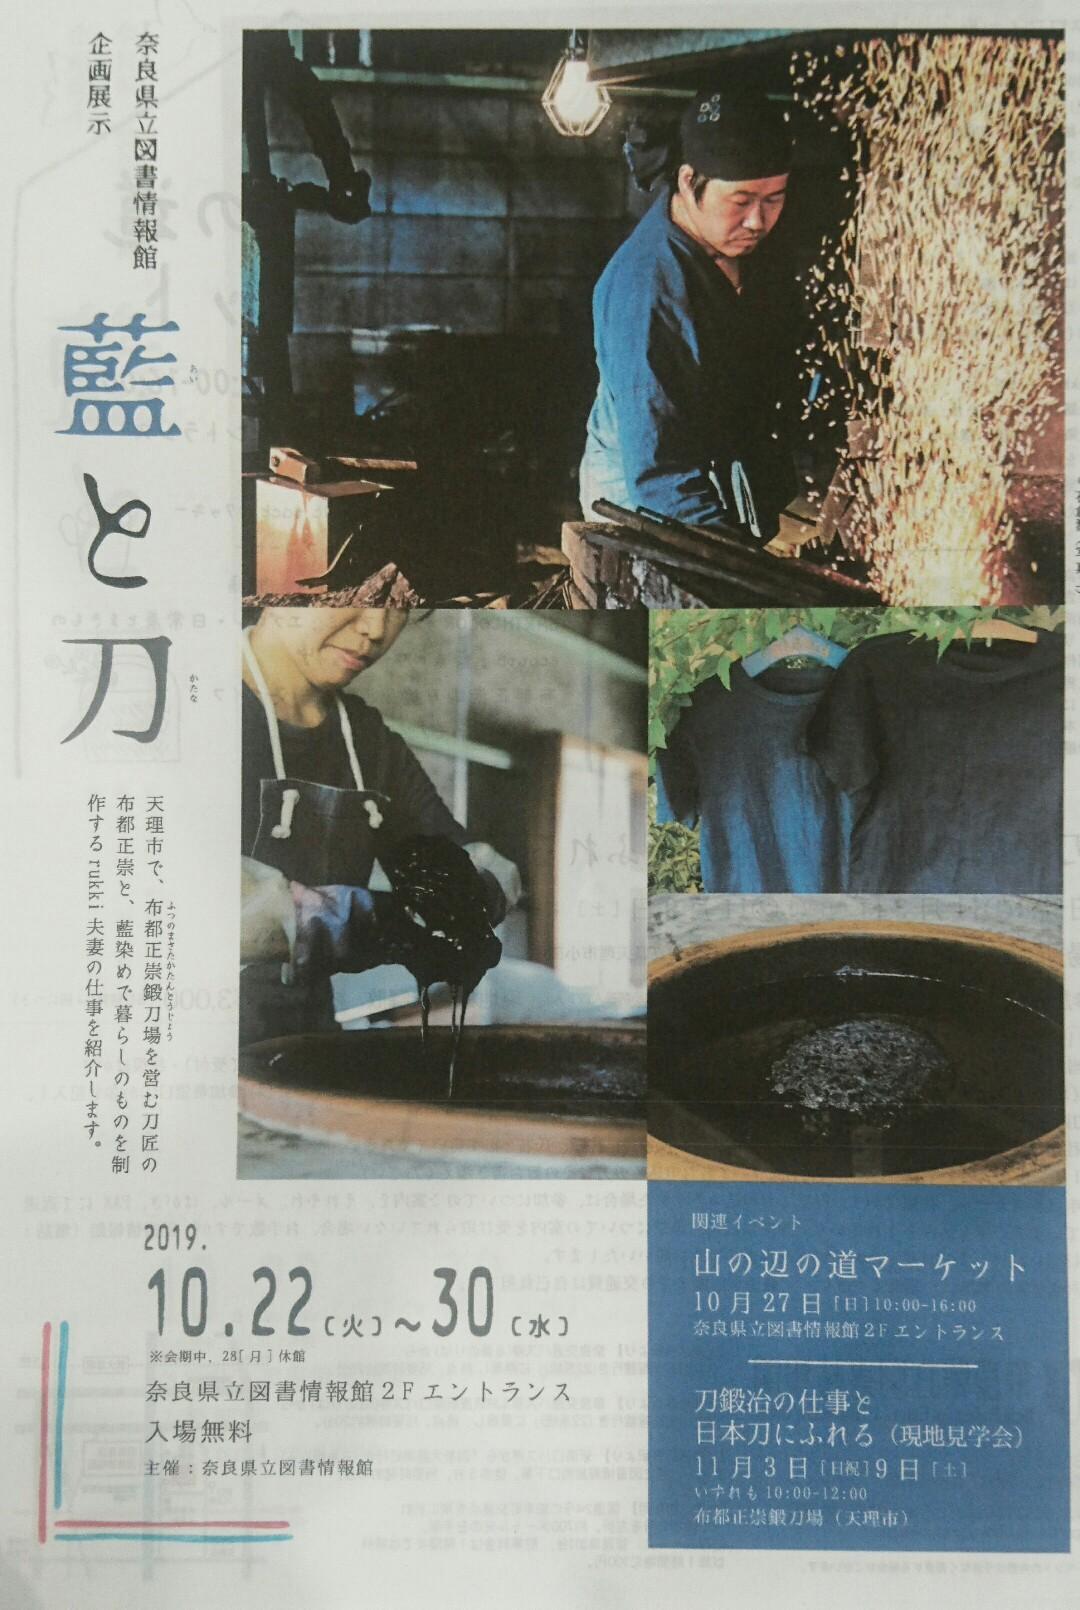 「藍と刀と」_d0239963_13040153.jpg